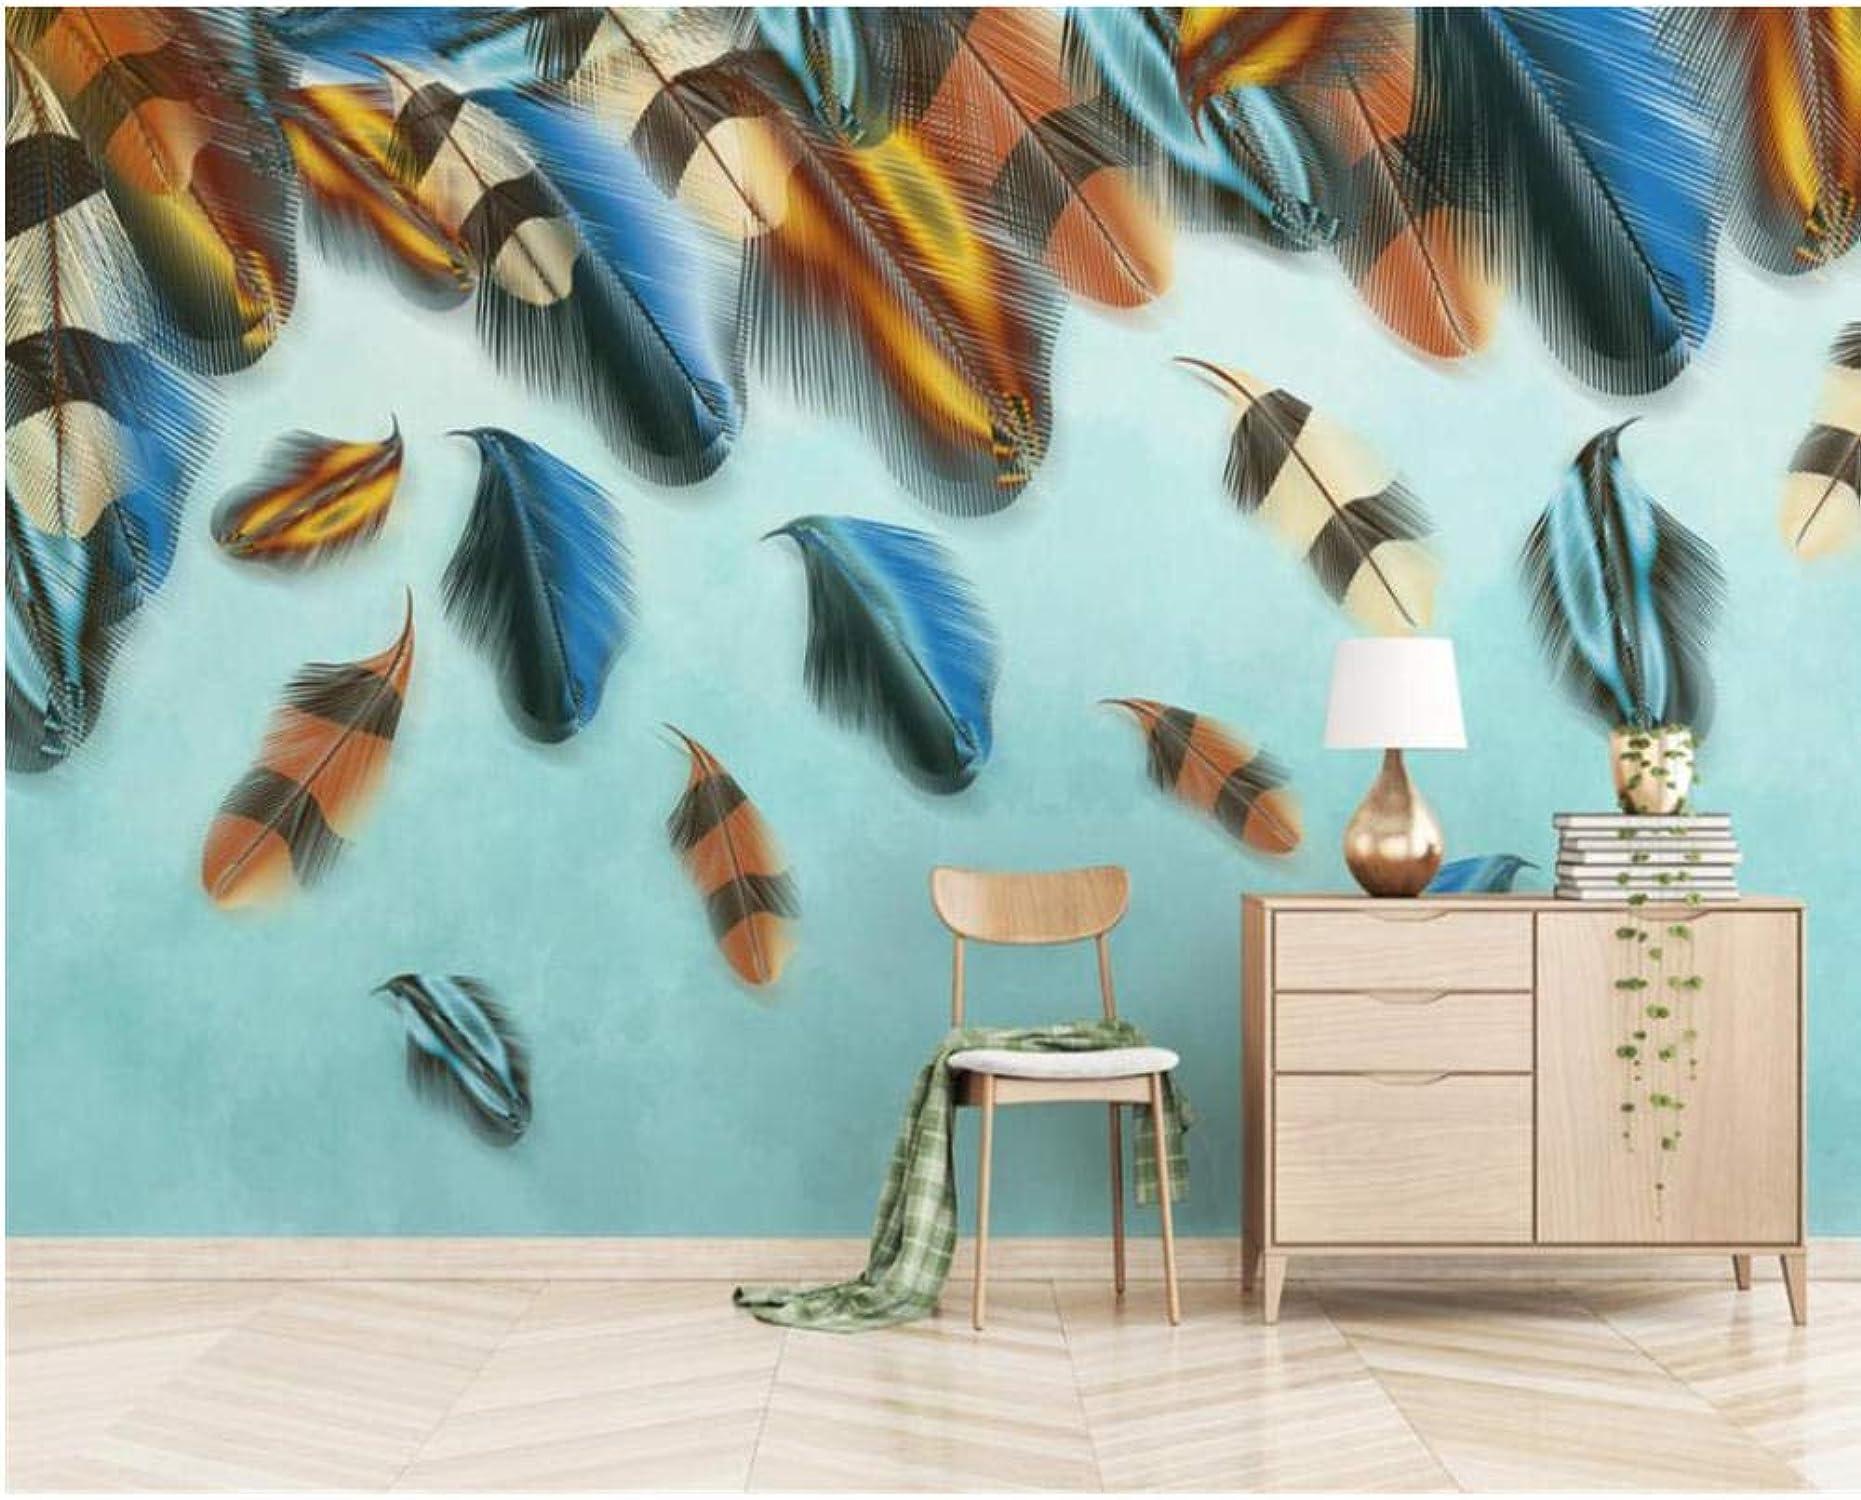 60% de descuento Mural Papel Tapiz 3D Personalizado Moderno Moderno Moderno De Alta Calidad De Colors Decoración De La Parojo De Plumas Pintura Parojo Papel Decoración Para El Hogar 200X140Cm  marcas de moda